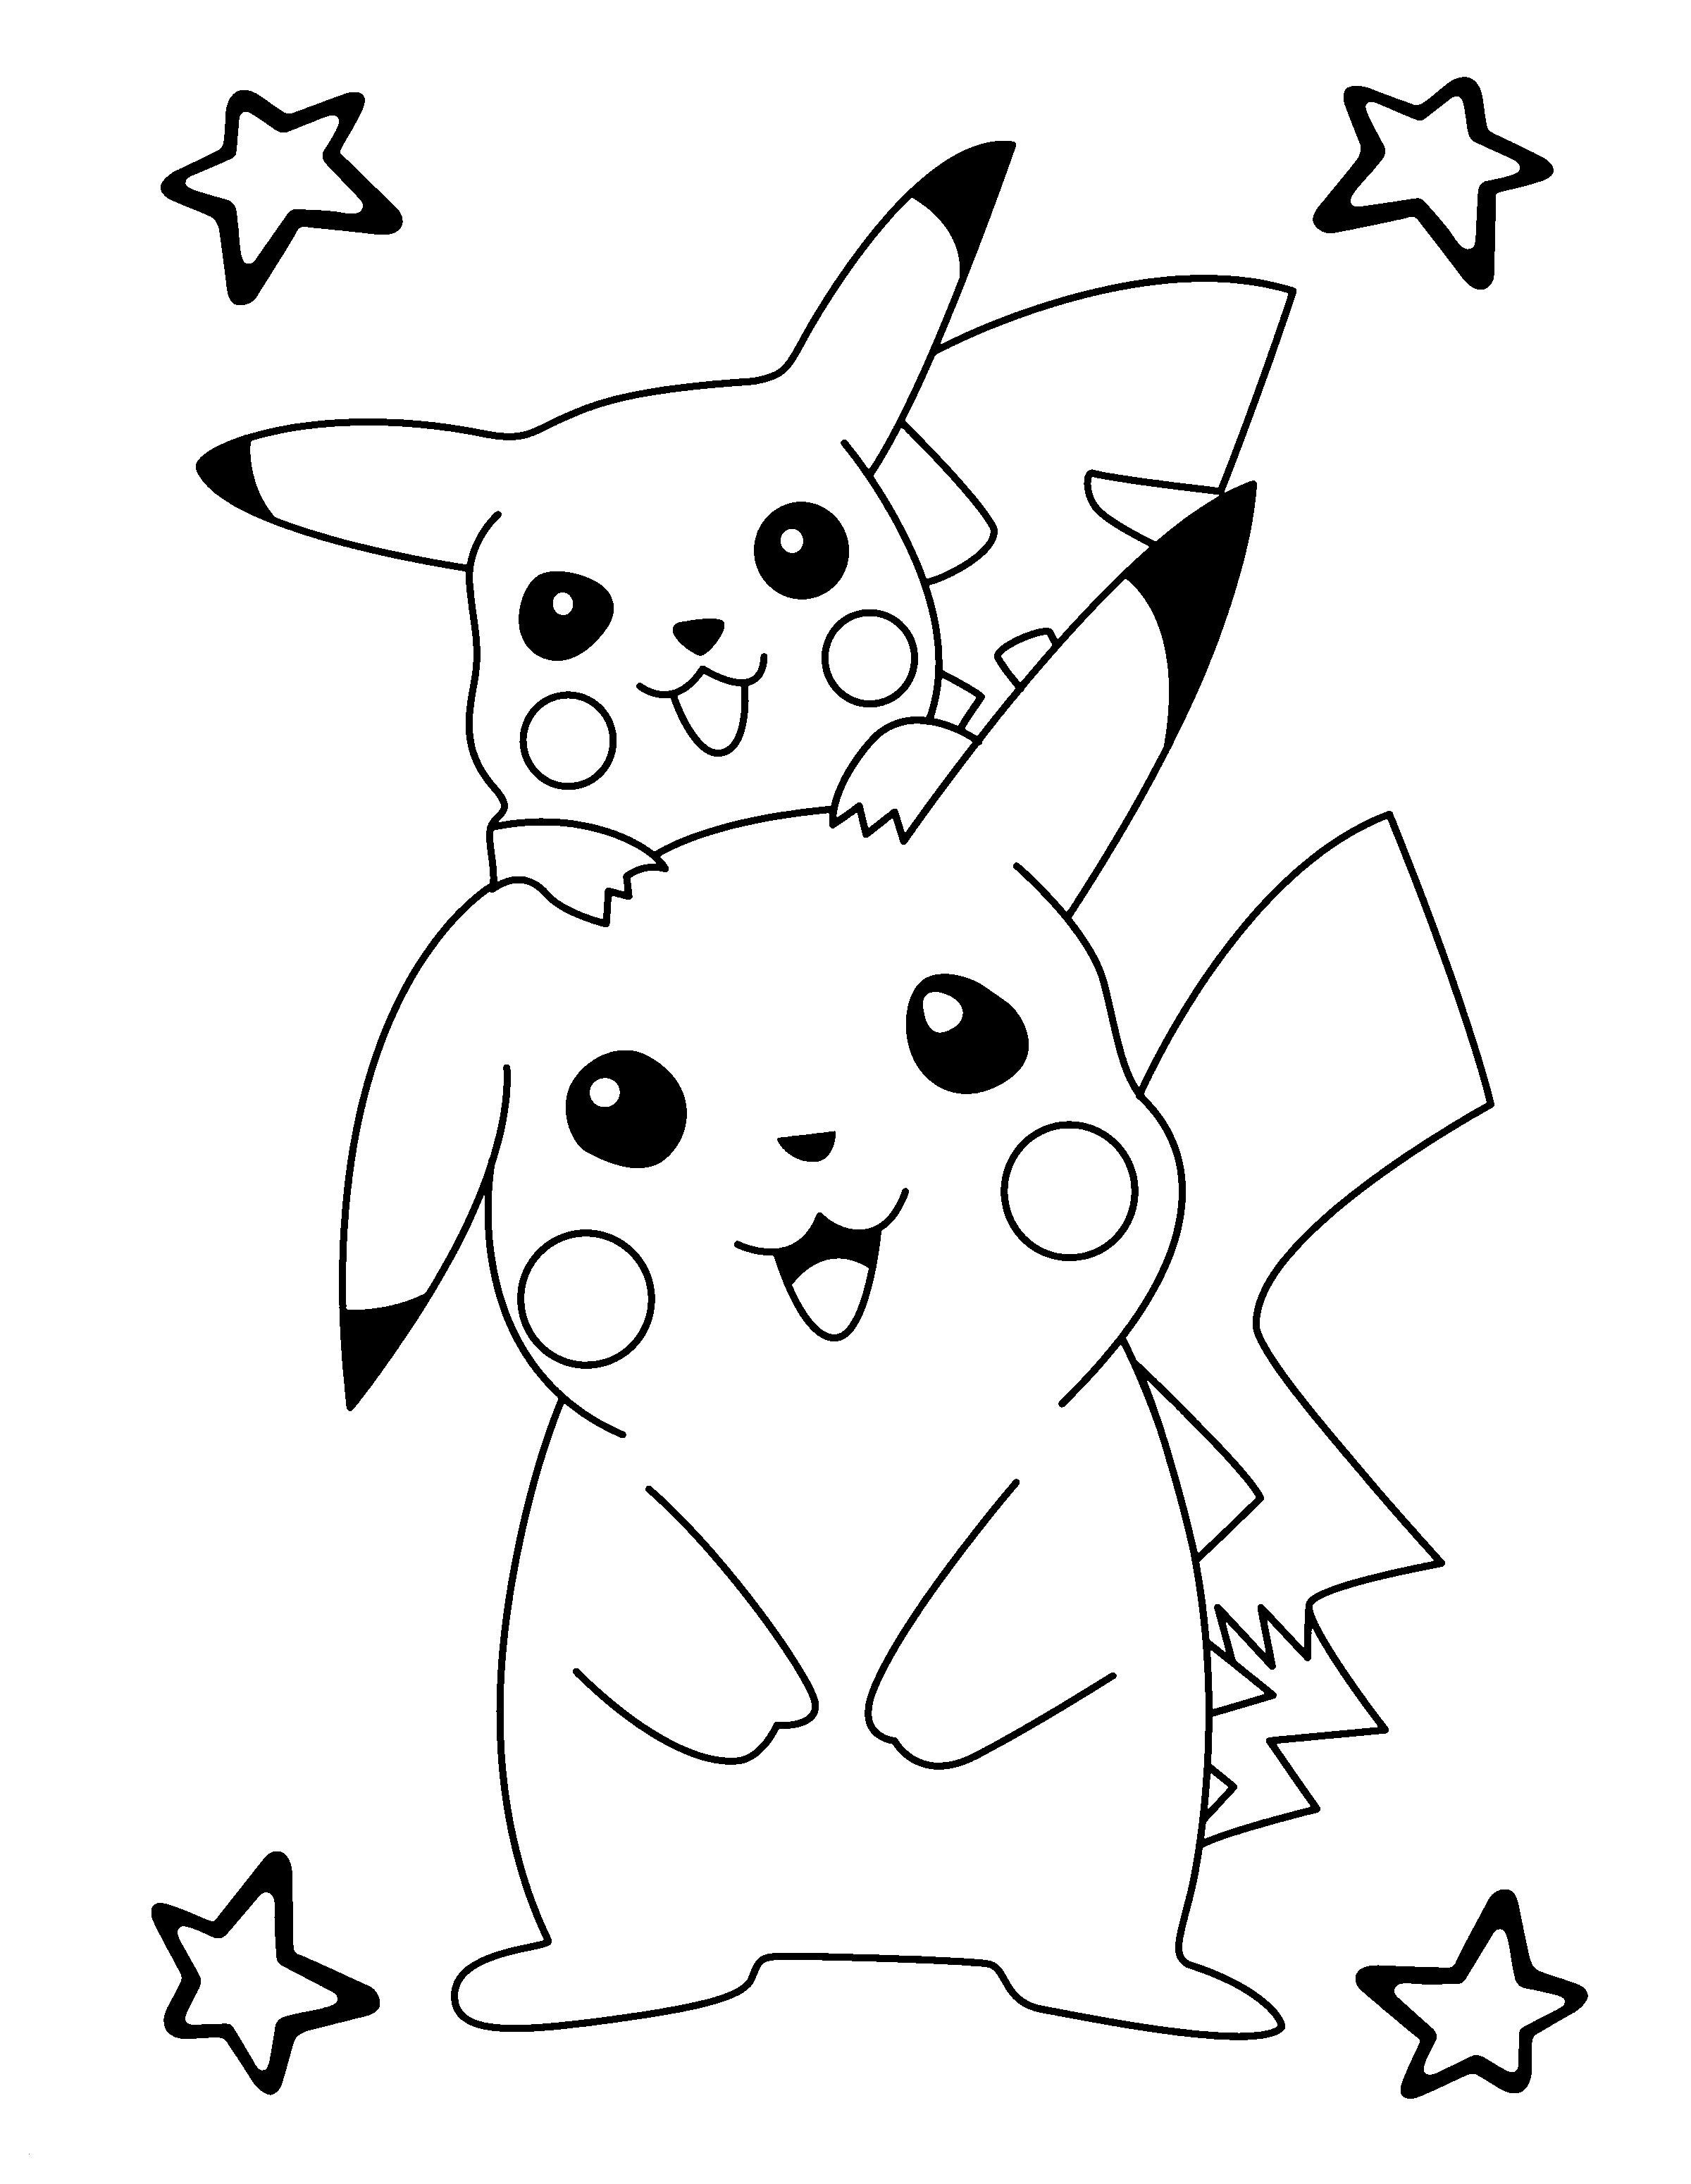 Pokemon Bilder Zum Ausdrucken In Farbe Genial 32 Ausmalbilder Ninjago Drache forstergallery Inspirierend Ohnezahn Das Bild